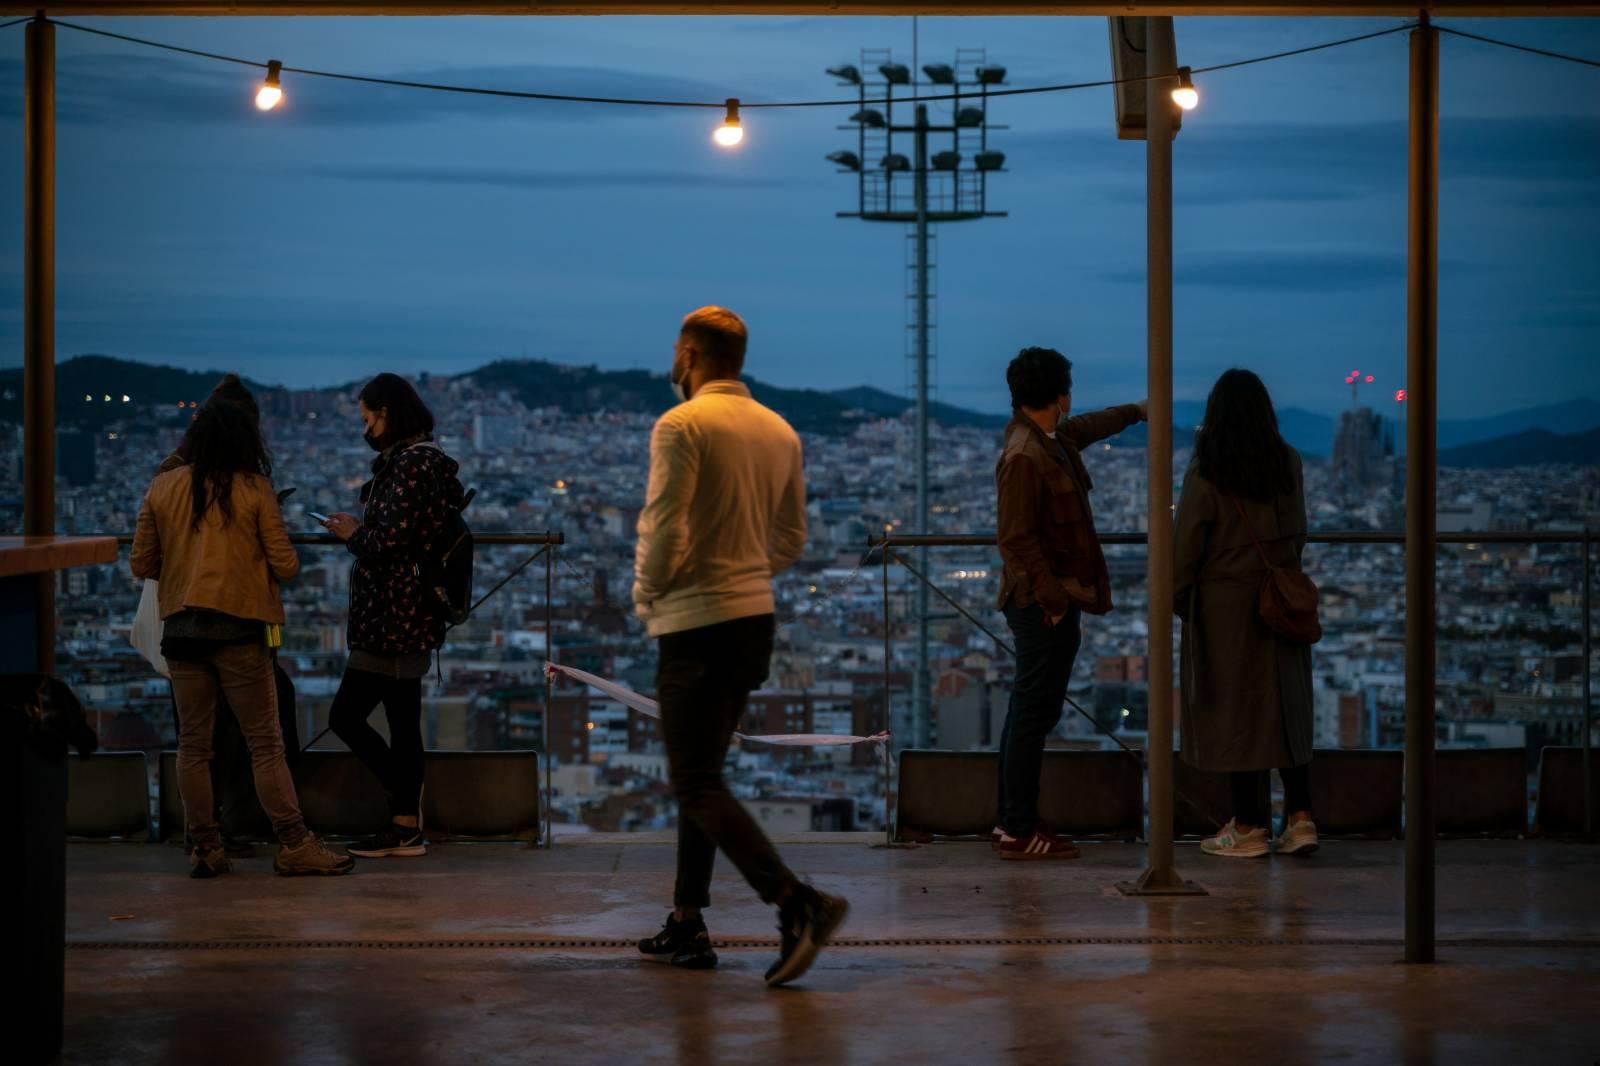 10月25日傍晚,人們在西班牙巴塞羅那欣賞夜景。(新華社)